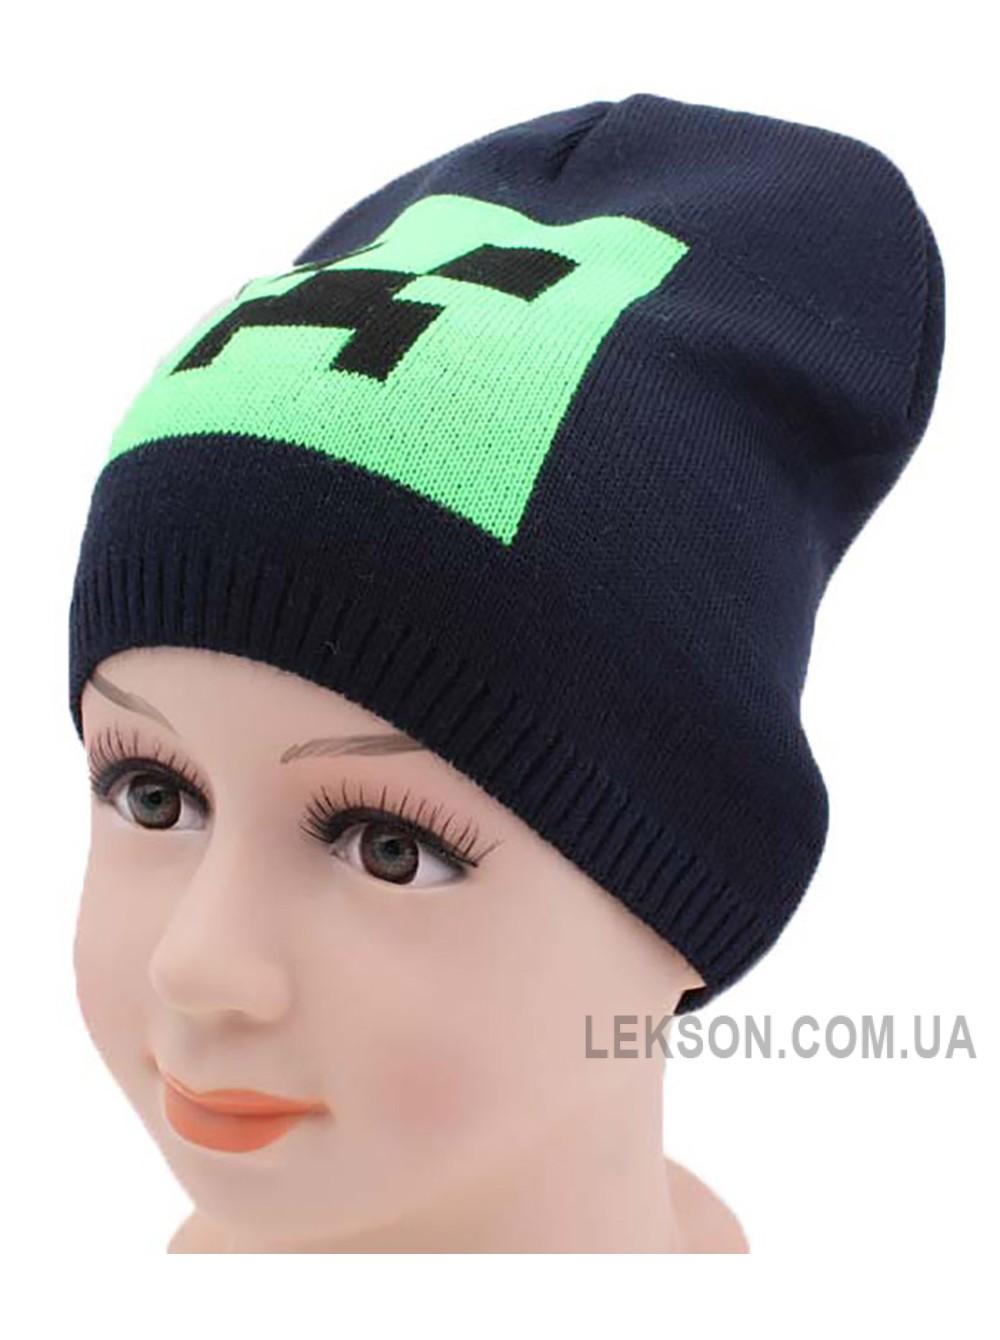 детская вязаная шапка крипер весна купить шапки в интернет